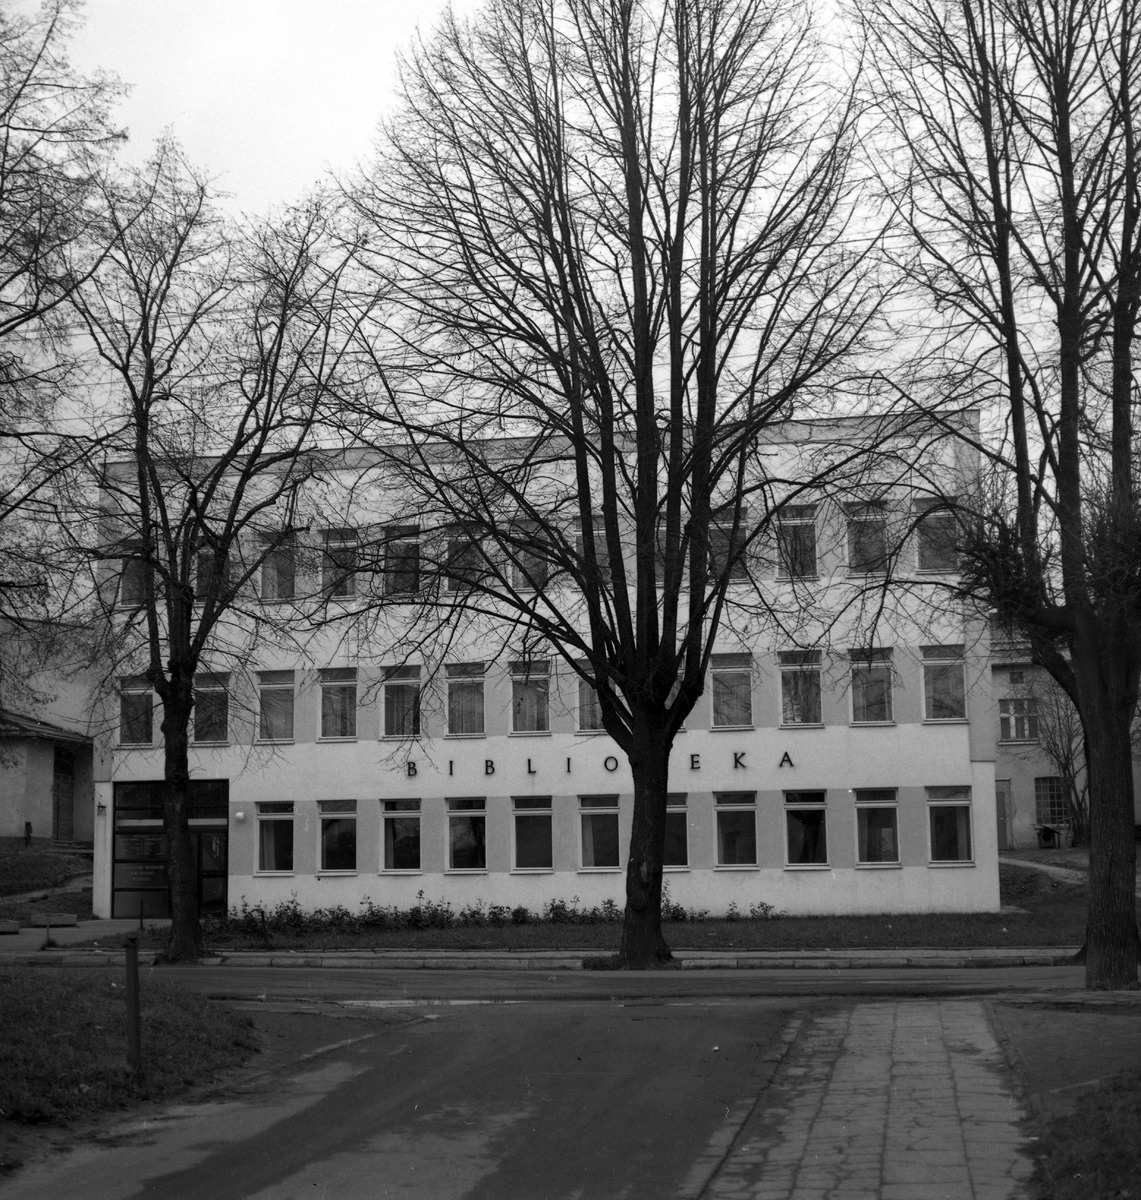 Miejska Biblioteka Publiczna [1]